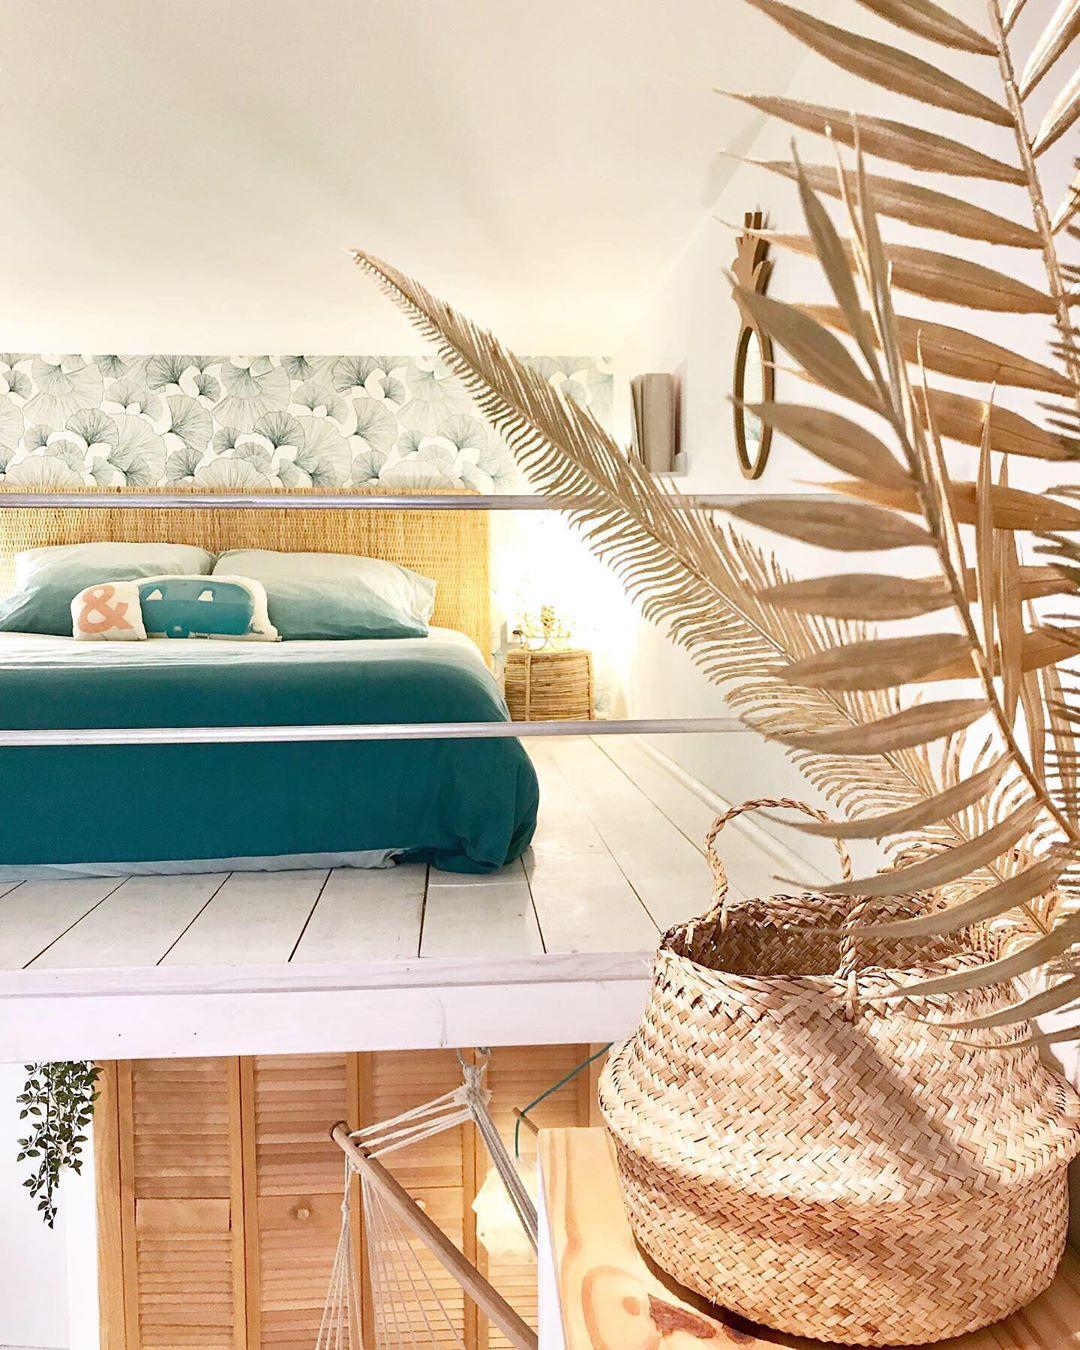 chambre ado déco tropicale lit fibres naturelles panier en osier